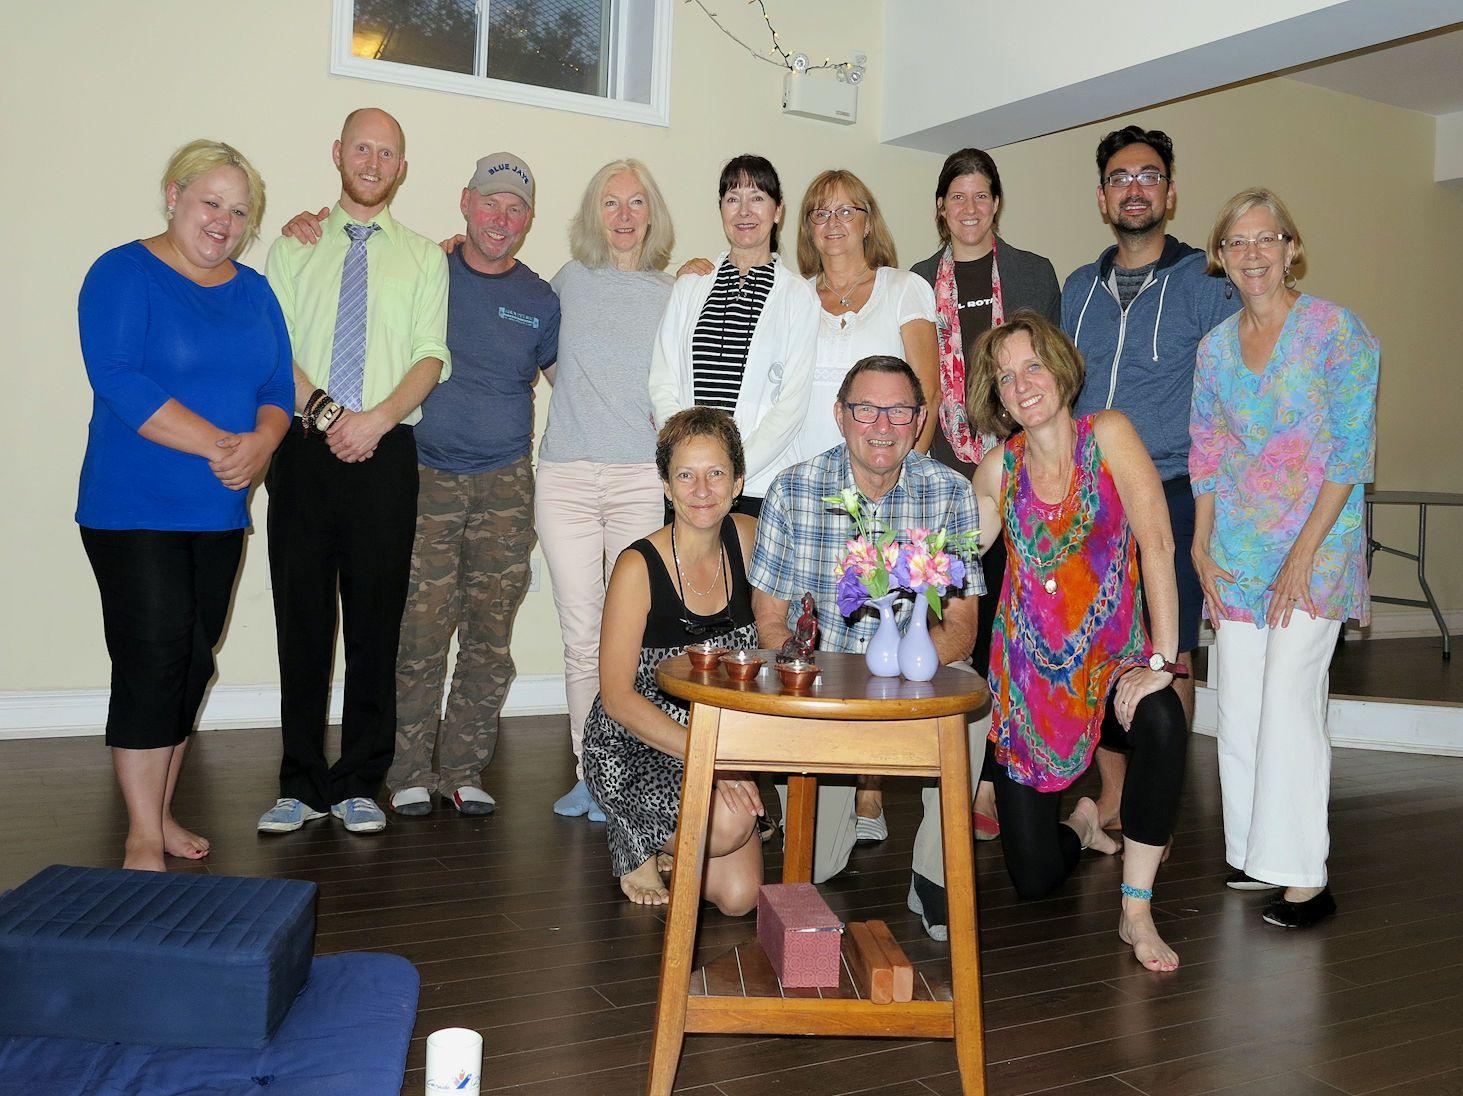 Shambhala Meditation group - Oshawa and area